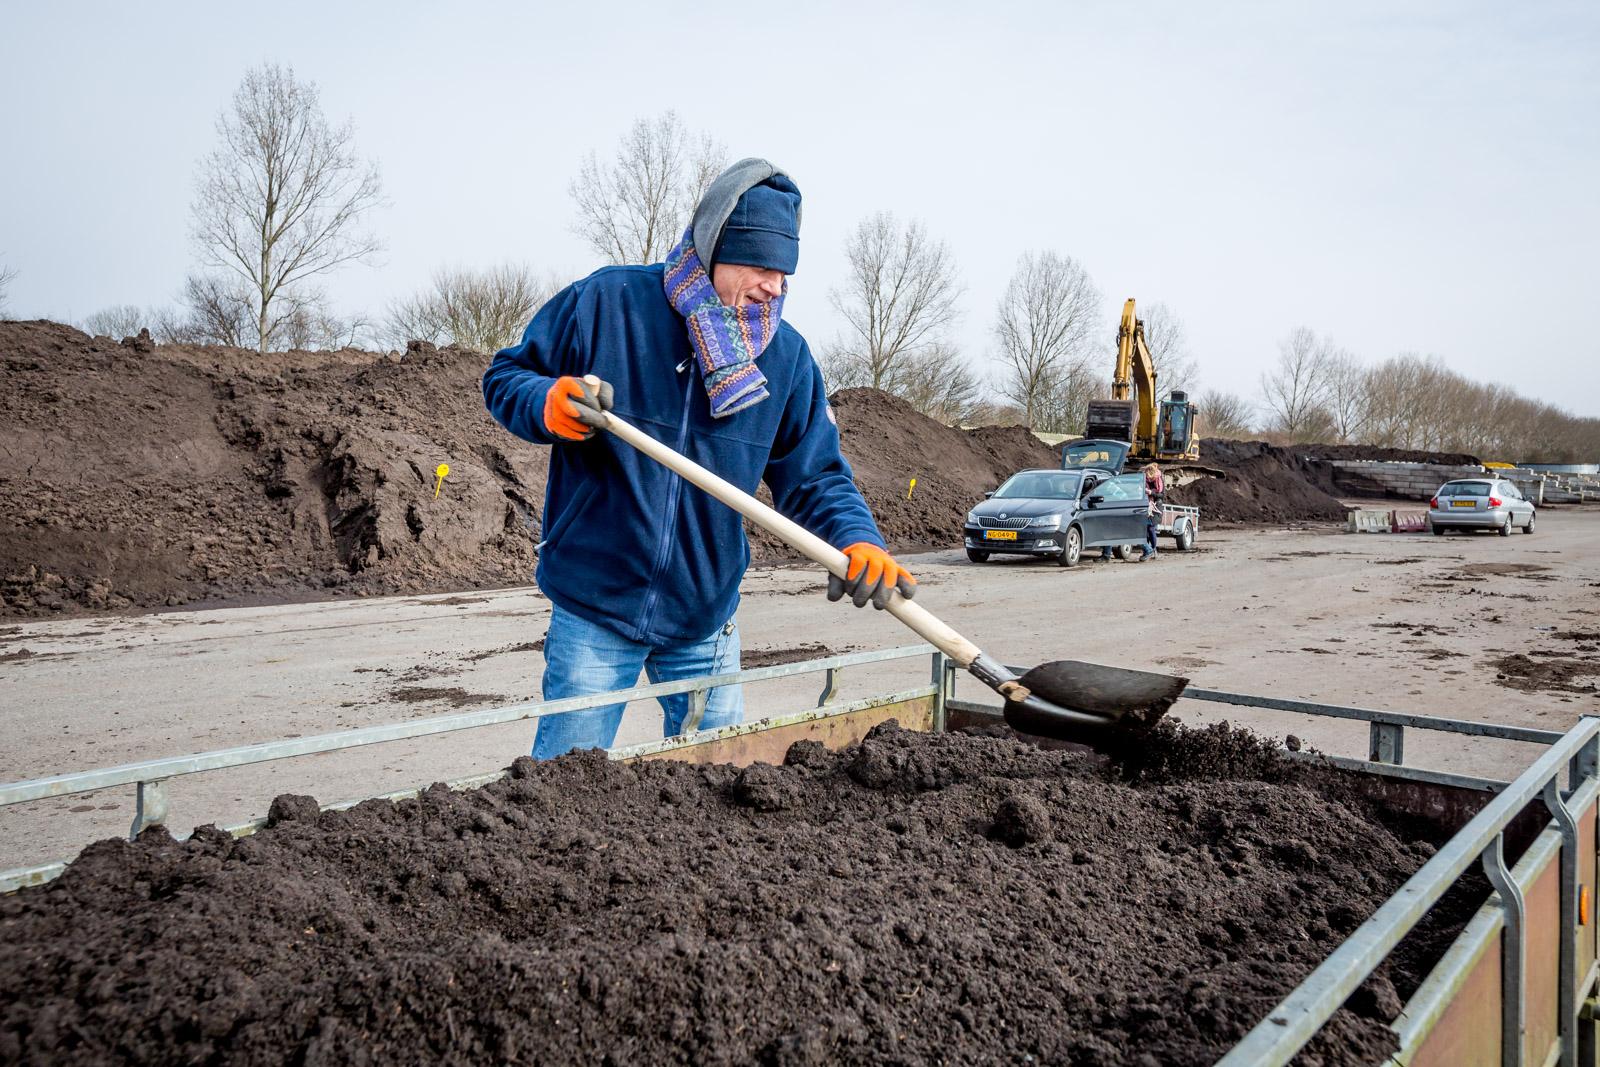 Compost scheppen in de ijzige kou. (Foto: aangeleverd) rodi.nl © rodi